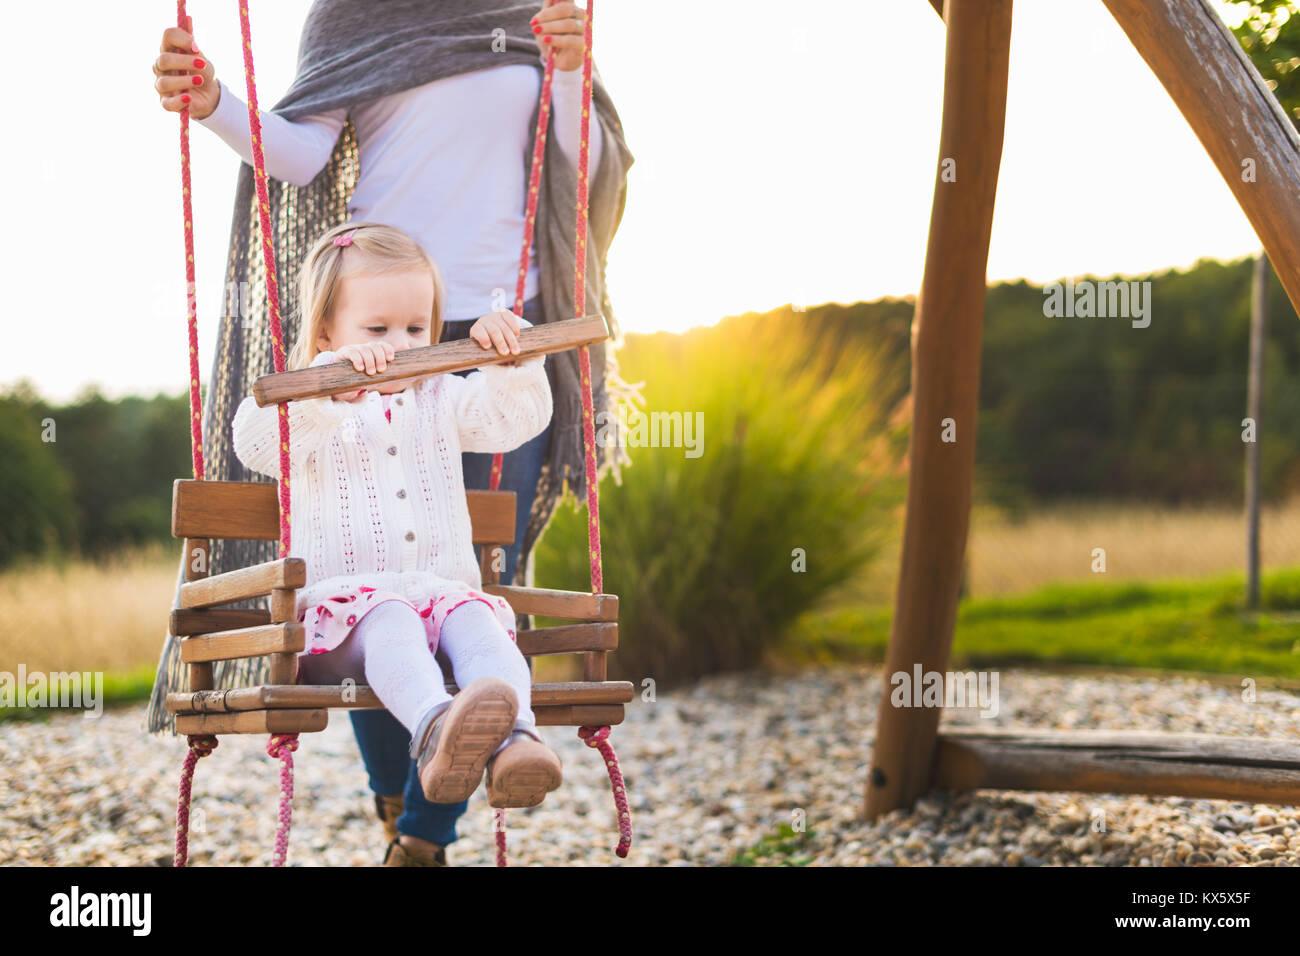 Madre Soltera Con Un Nino Pequeno Hija Balanceandose En Un Patio De